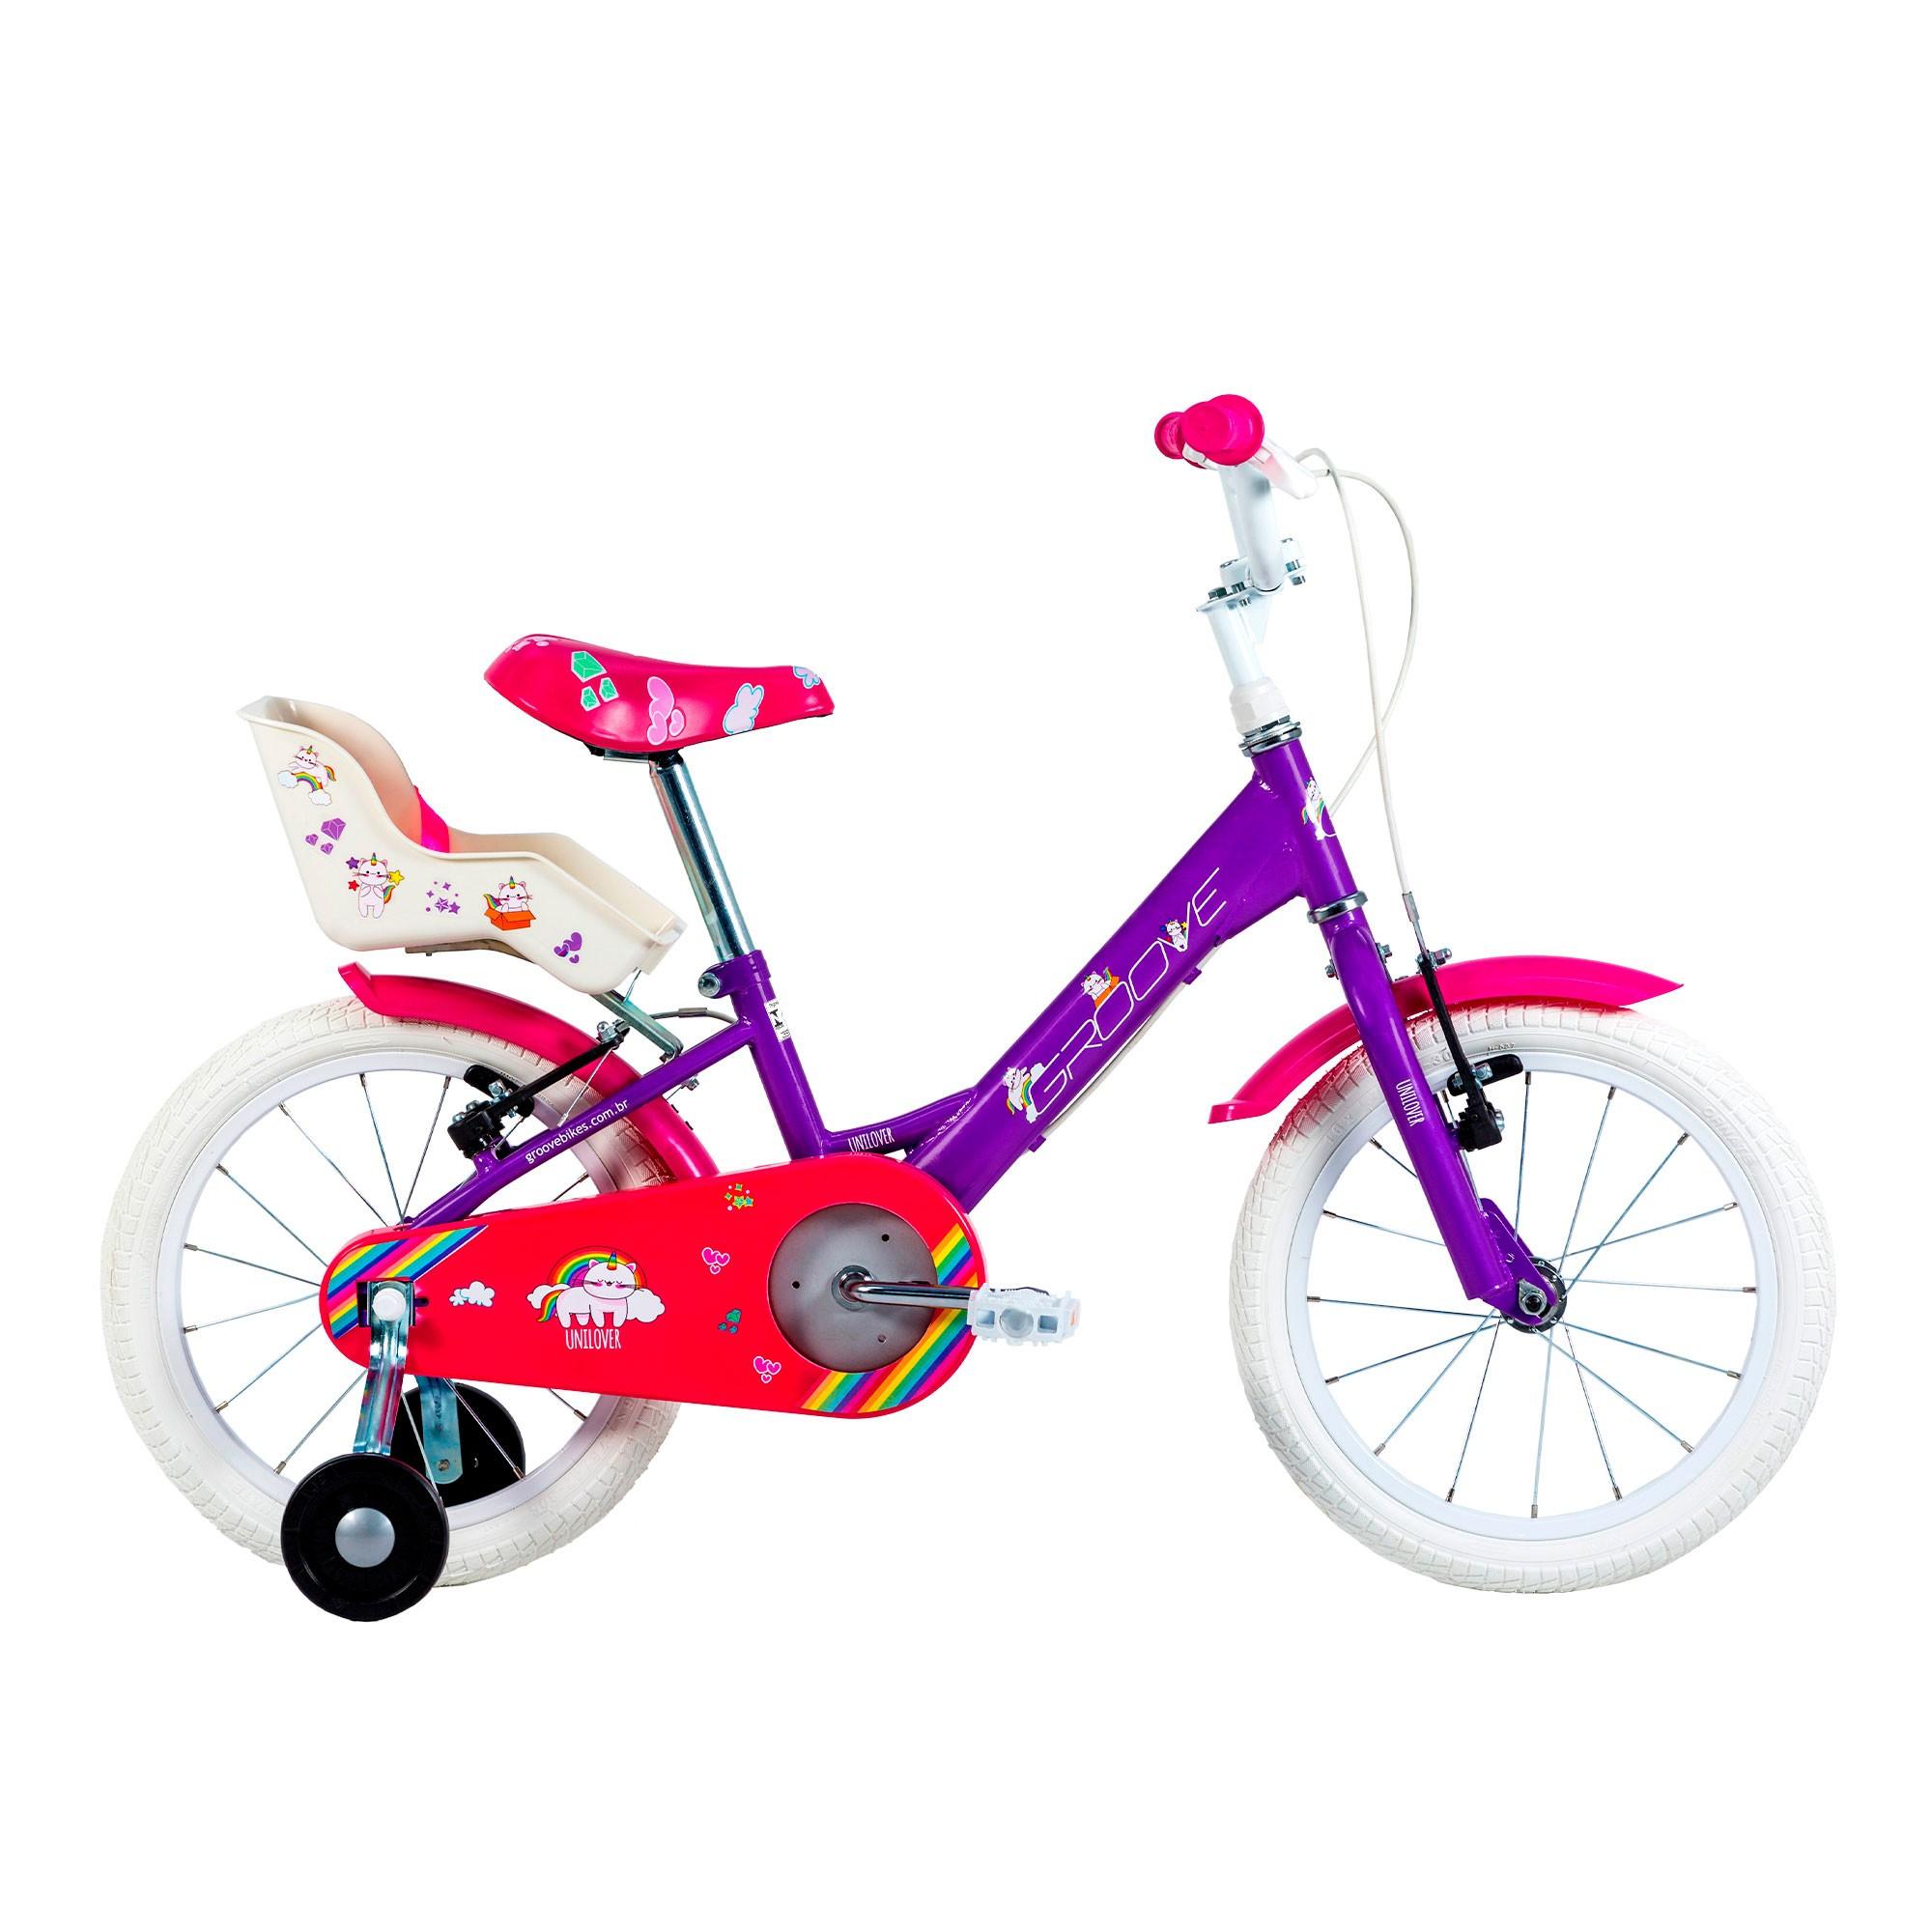 Bicicleta infantil Groove Unilover 16